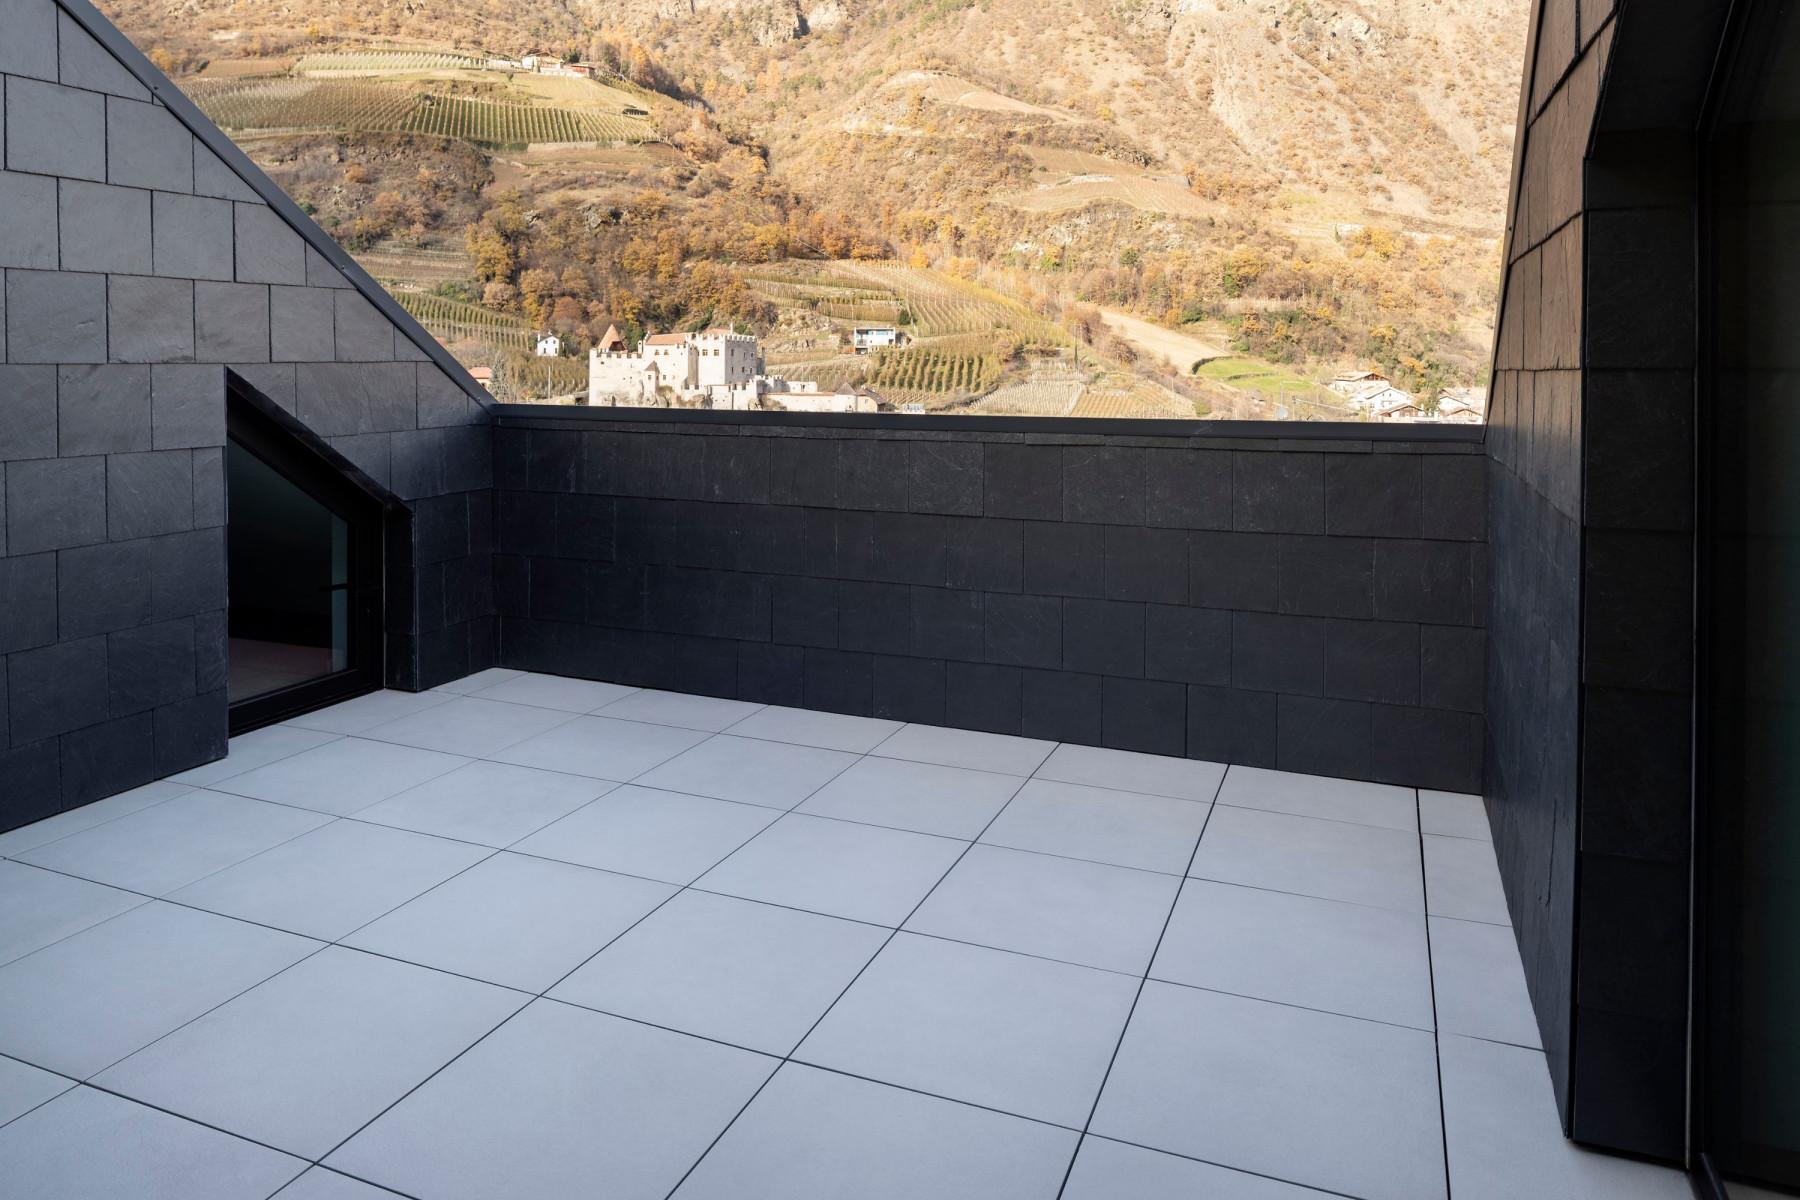 Balconi terrazze e giardini a casa pietre naturali piastrelle